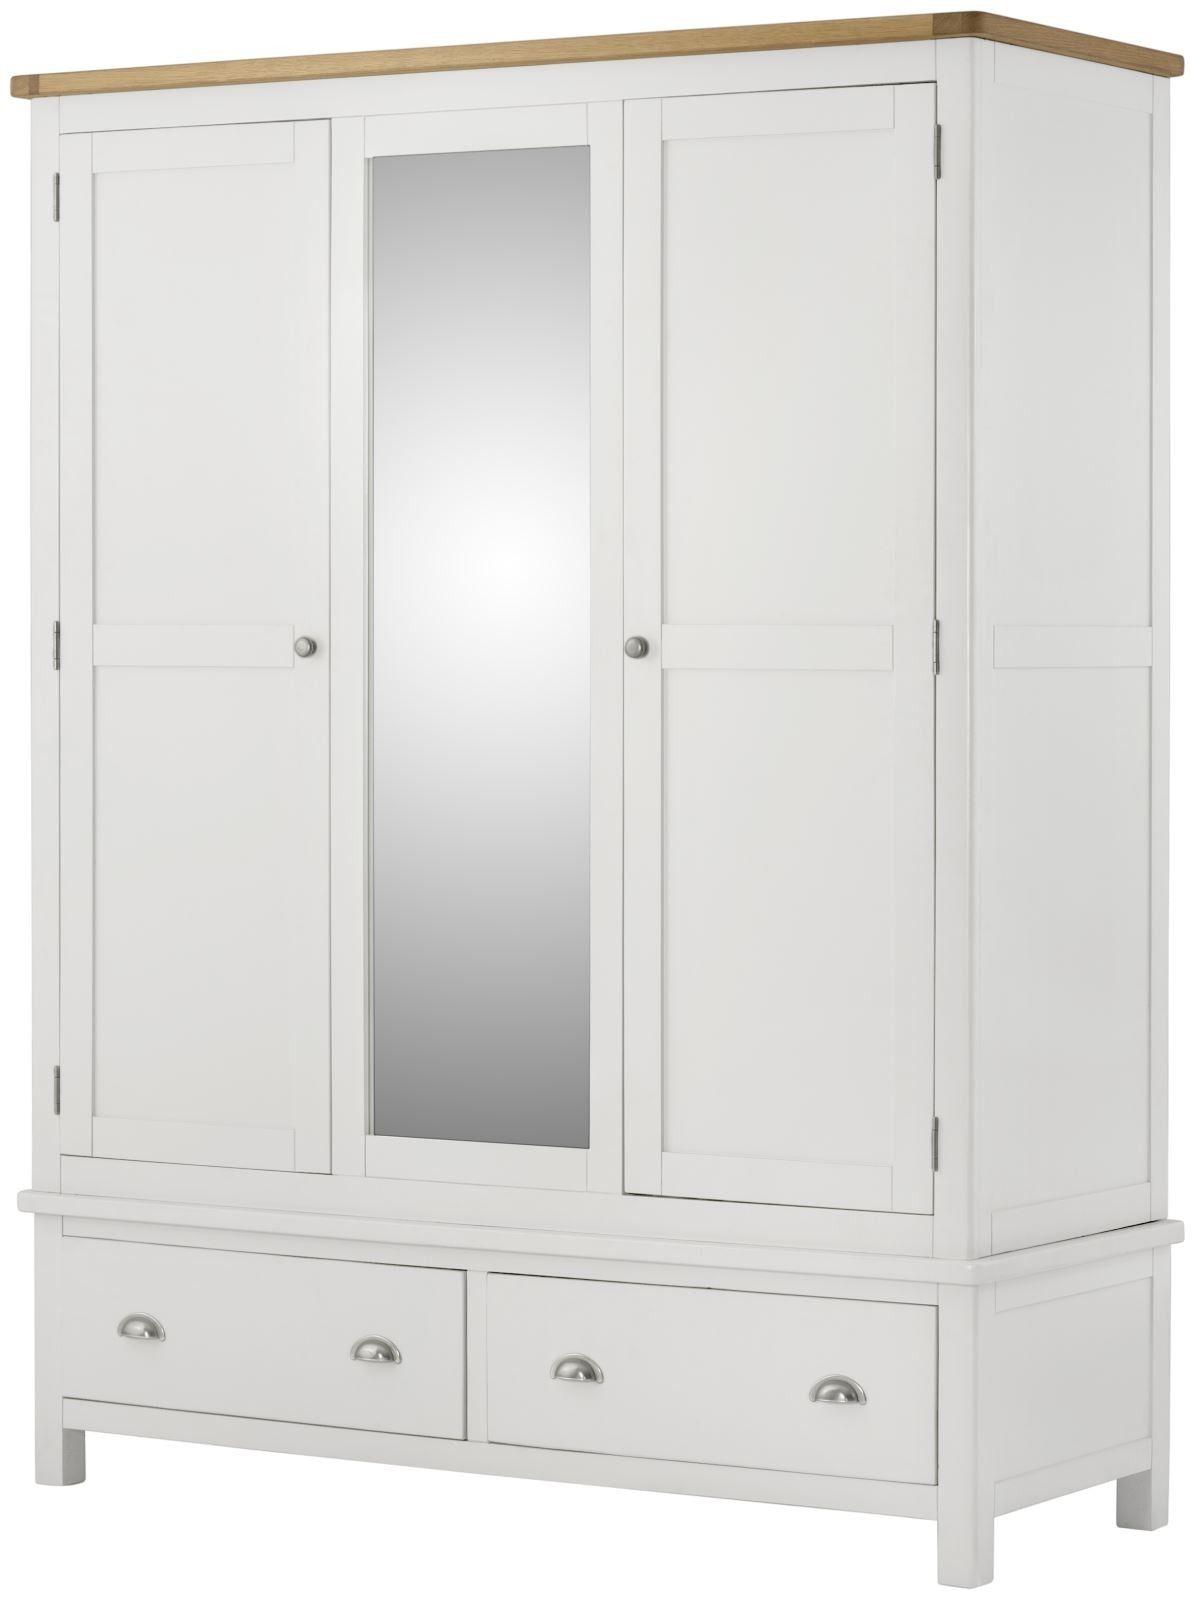 Stratton White Wardrobe Triple